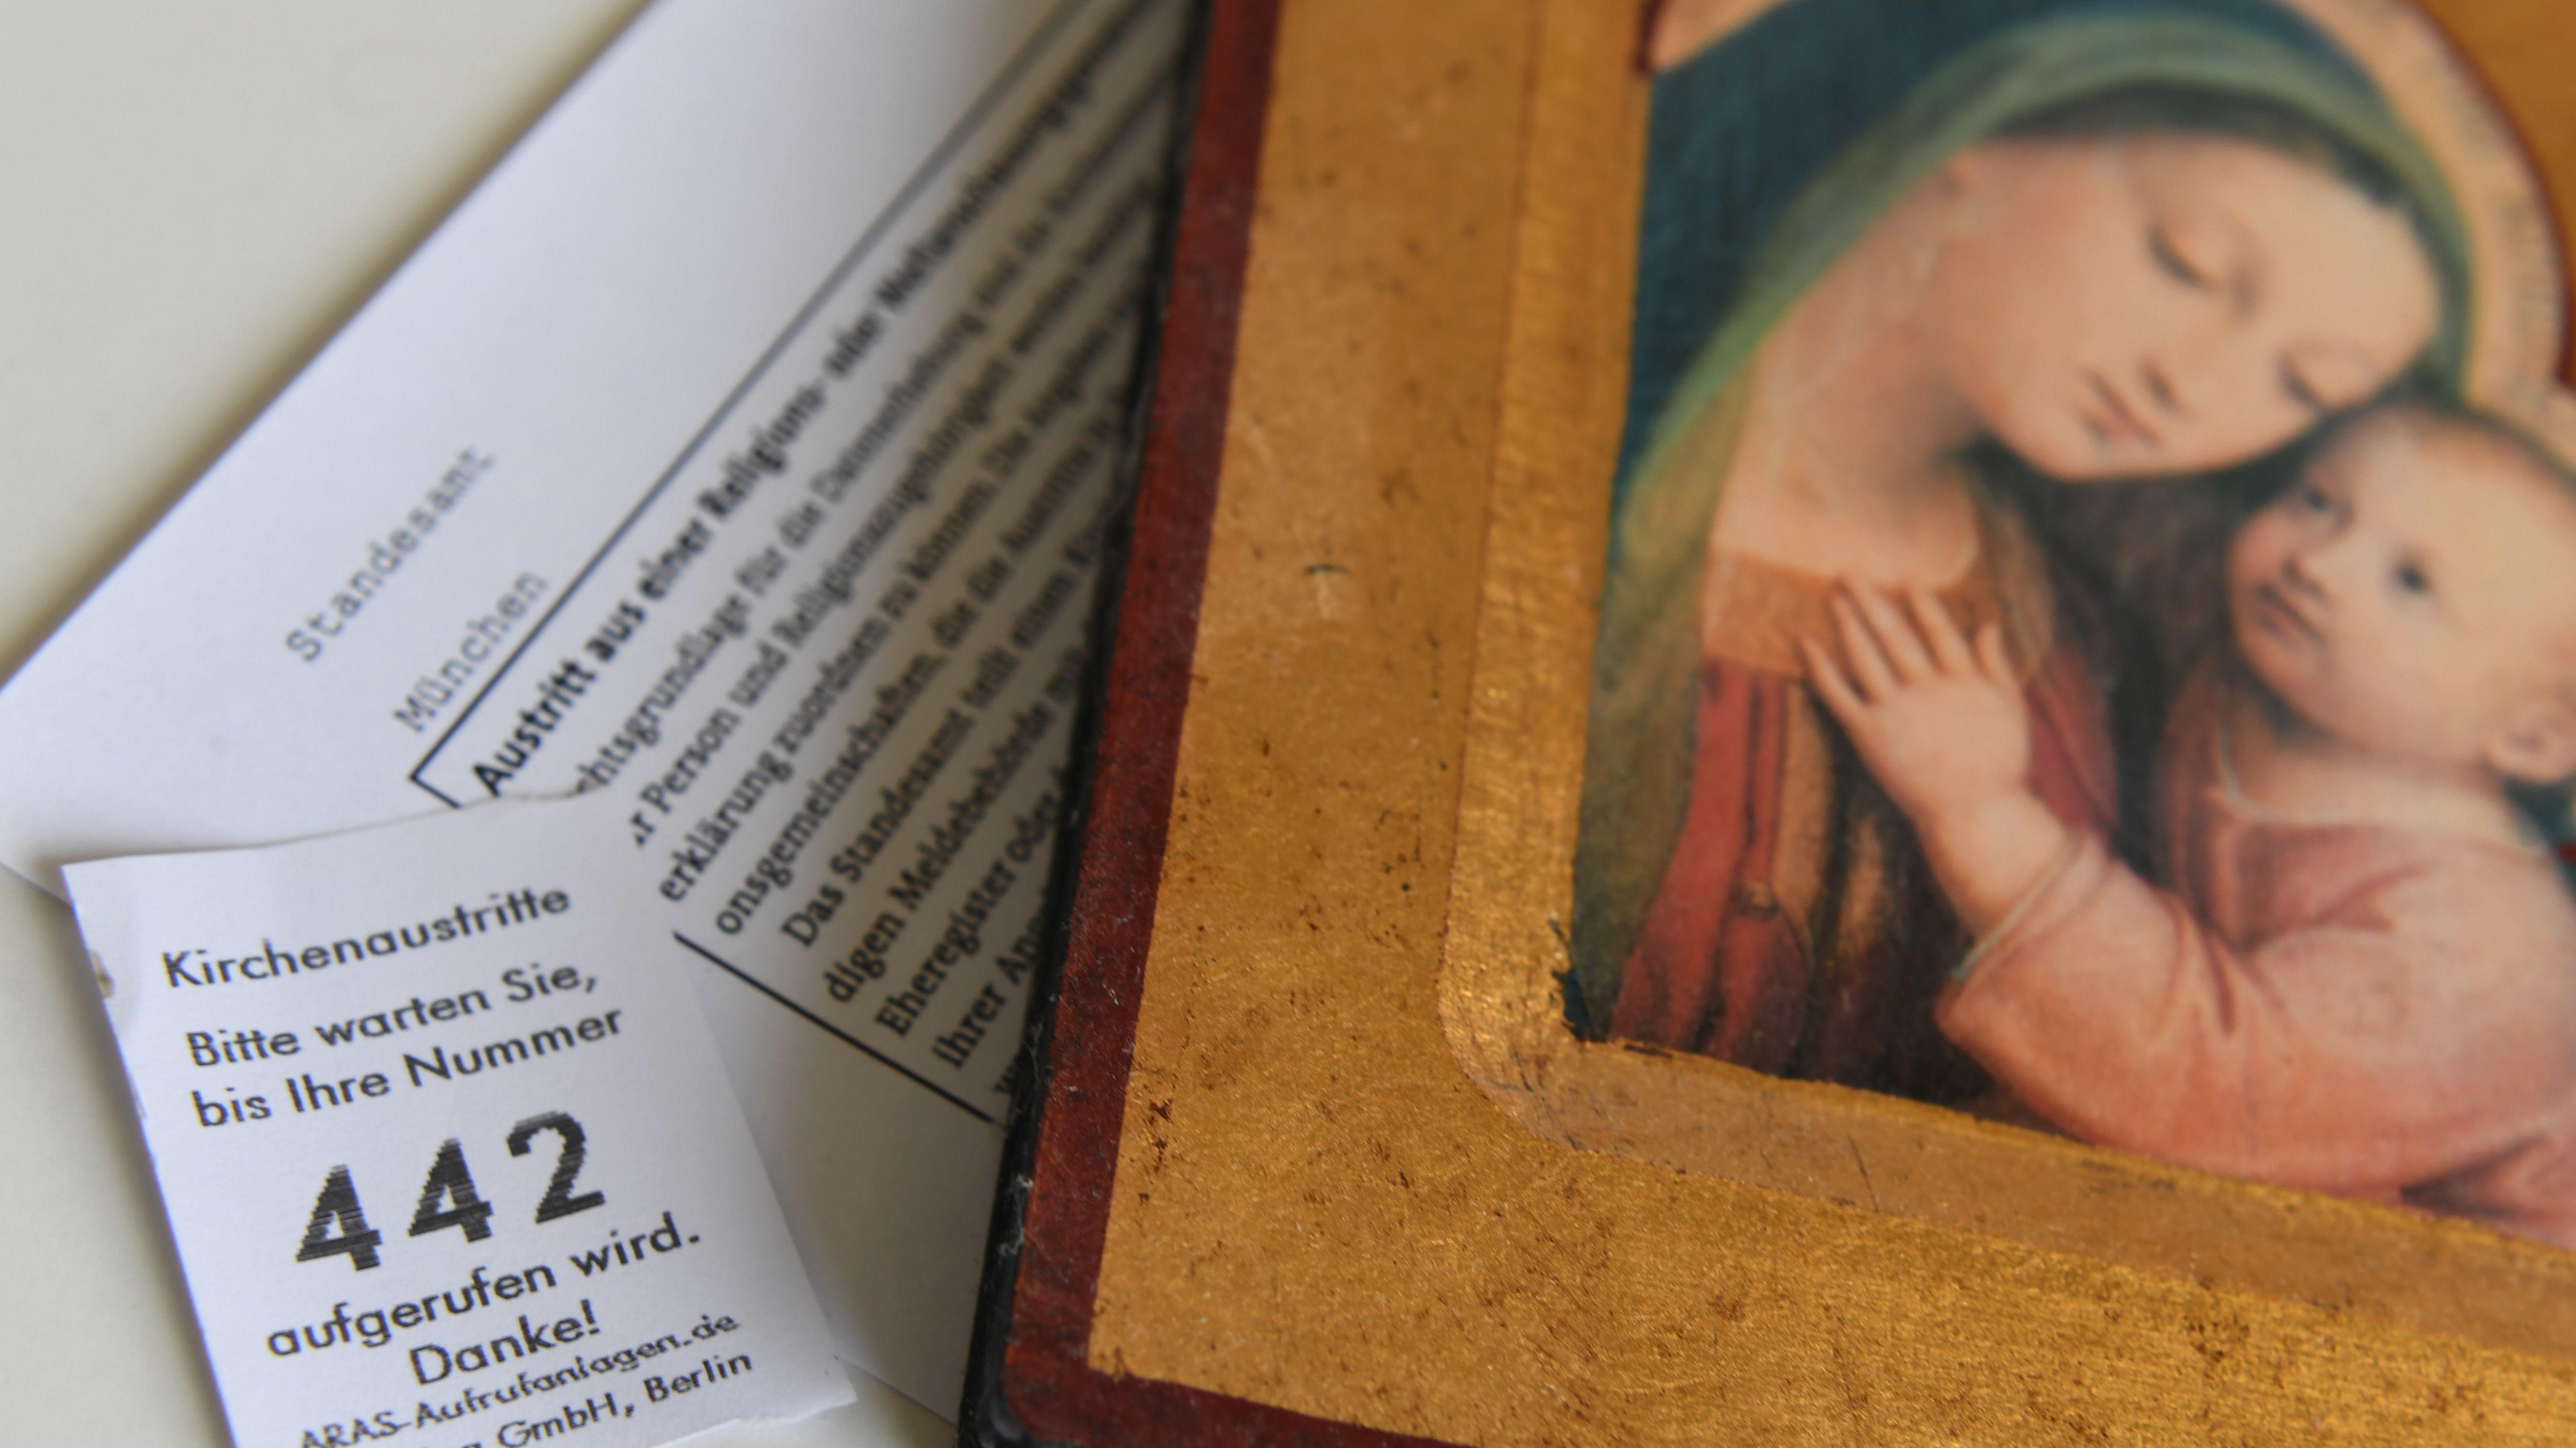 Eine Wartemarke, eine Urkunde zum Kirchenaustritt und eine christliche Ikone mit Maria und dem Jesuskind liegt in München auf einem Tisch.